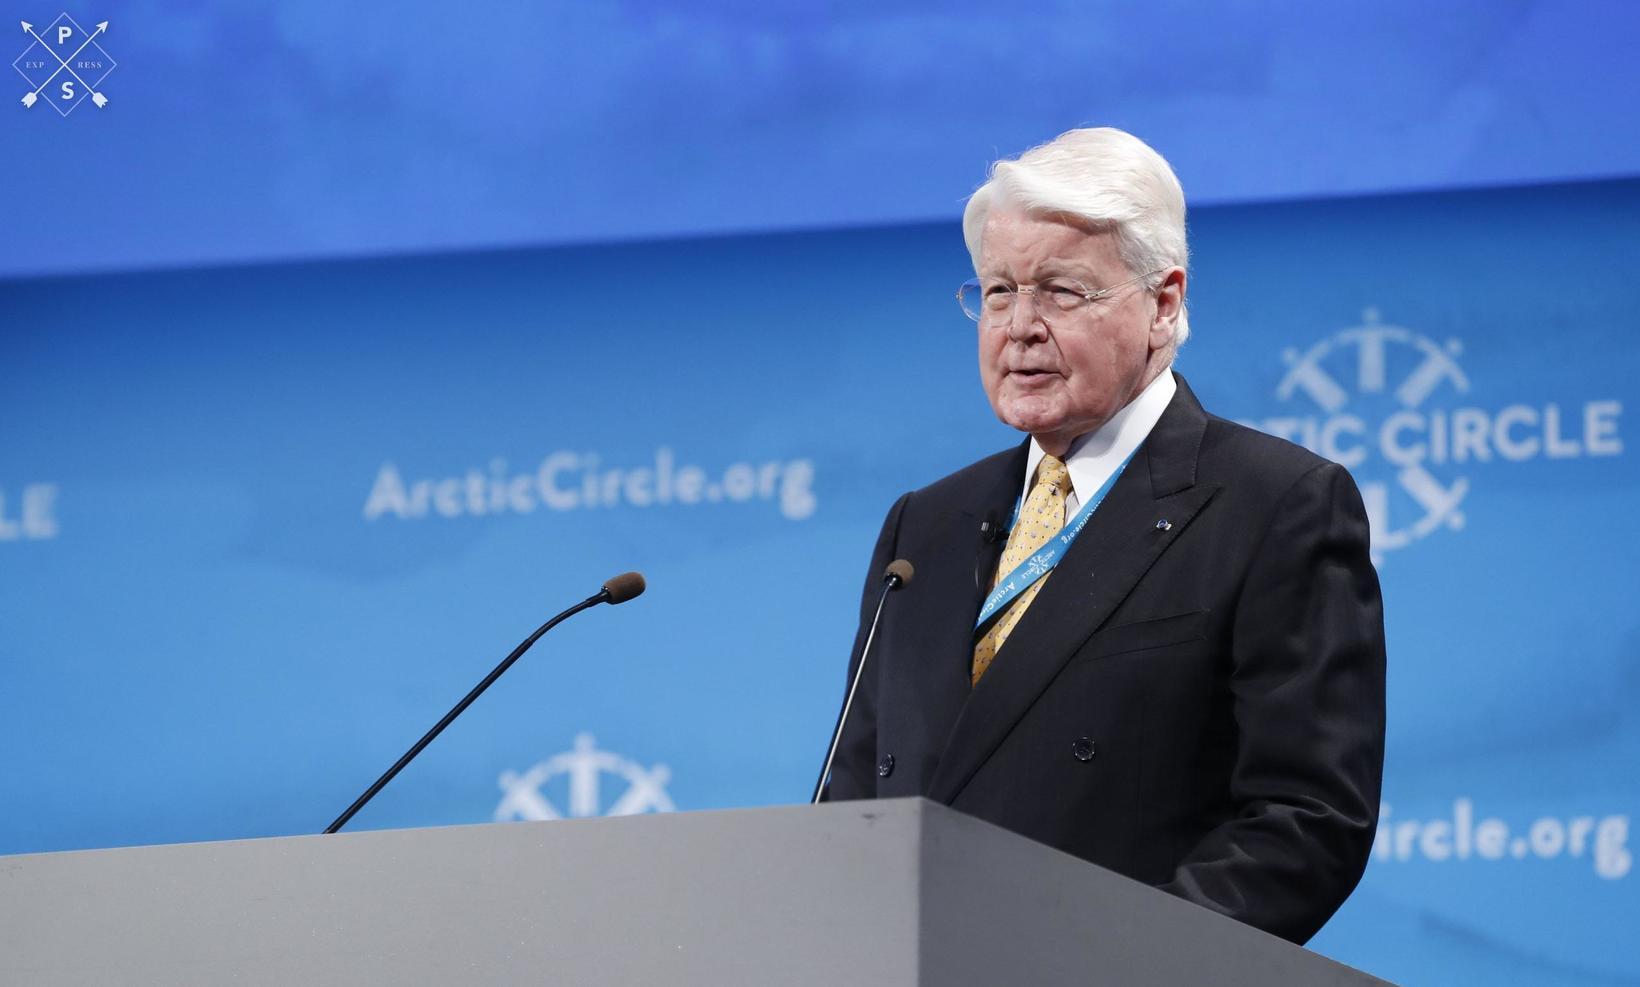 Ólafur Ragnar Grímsson, stjórnarformaður Arcitc Circle og fyrrverandi forseti Íslands.